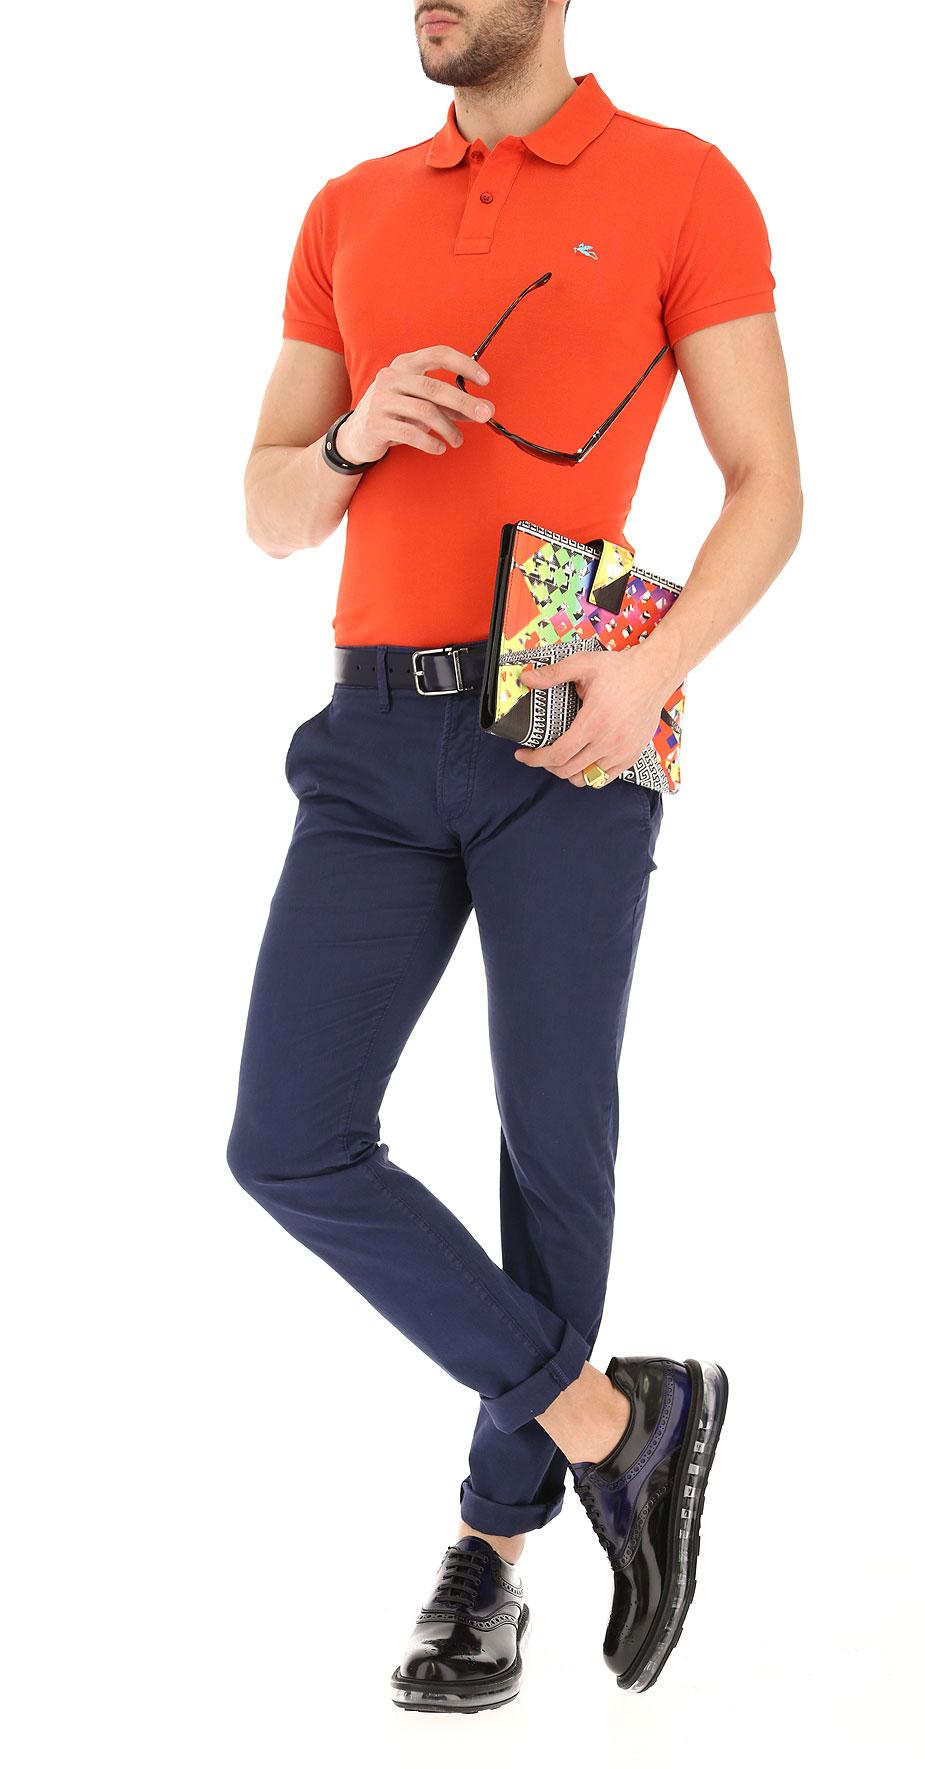 Uomo Abbigliamento Uomo Abbigliamento Articolo Etro 601 9367 1y601 Codice qqrwgd